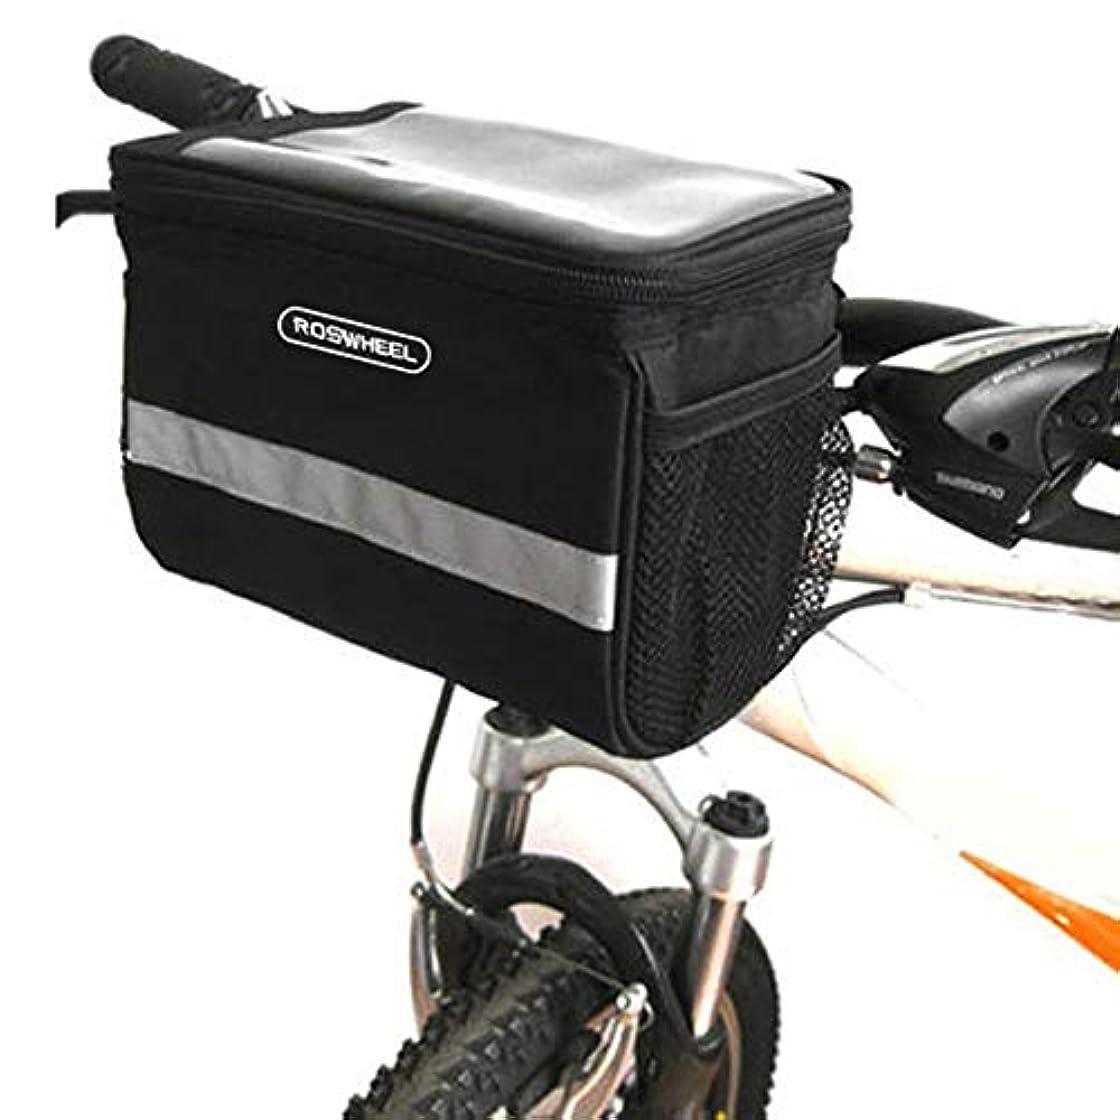 メロディアスエスカレーターファンタジーLIXADA 自転車フロントバッグ ハンドルバーバッグ フレームバッグ 防水 サドルバッグ サイクリング用 3.6L